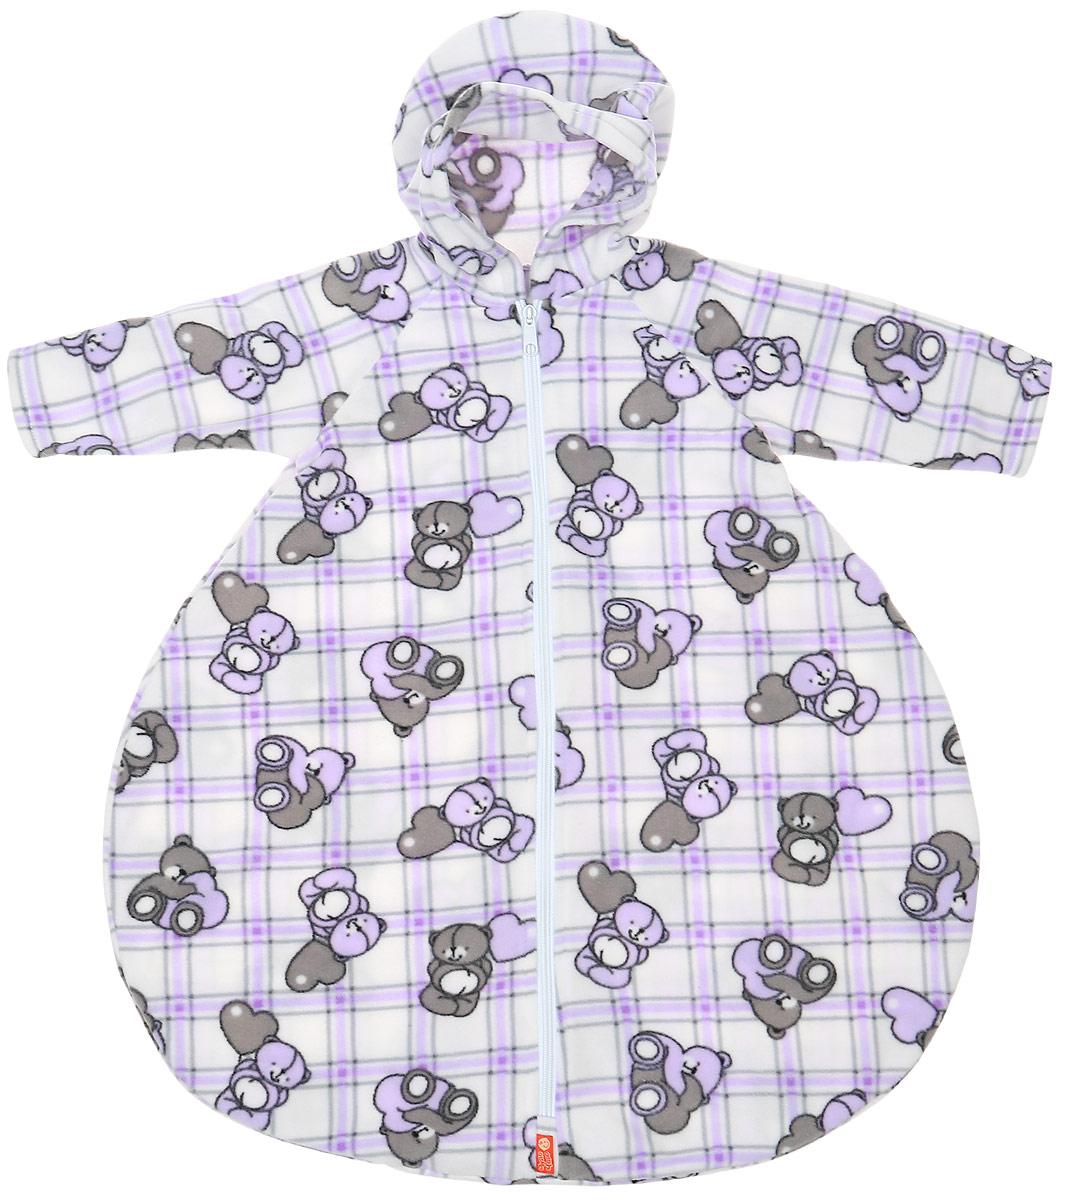 Конверт для новорожденного Чудо-Чадо БыстрОдежка Колокольчик, цвет: белый, сиреневый, серый. КРК05-001. Размер 74